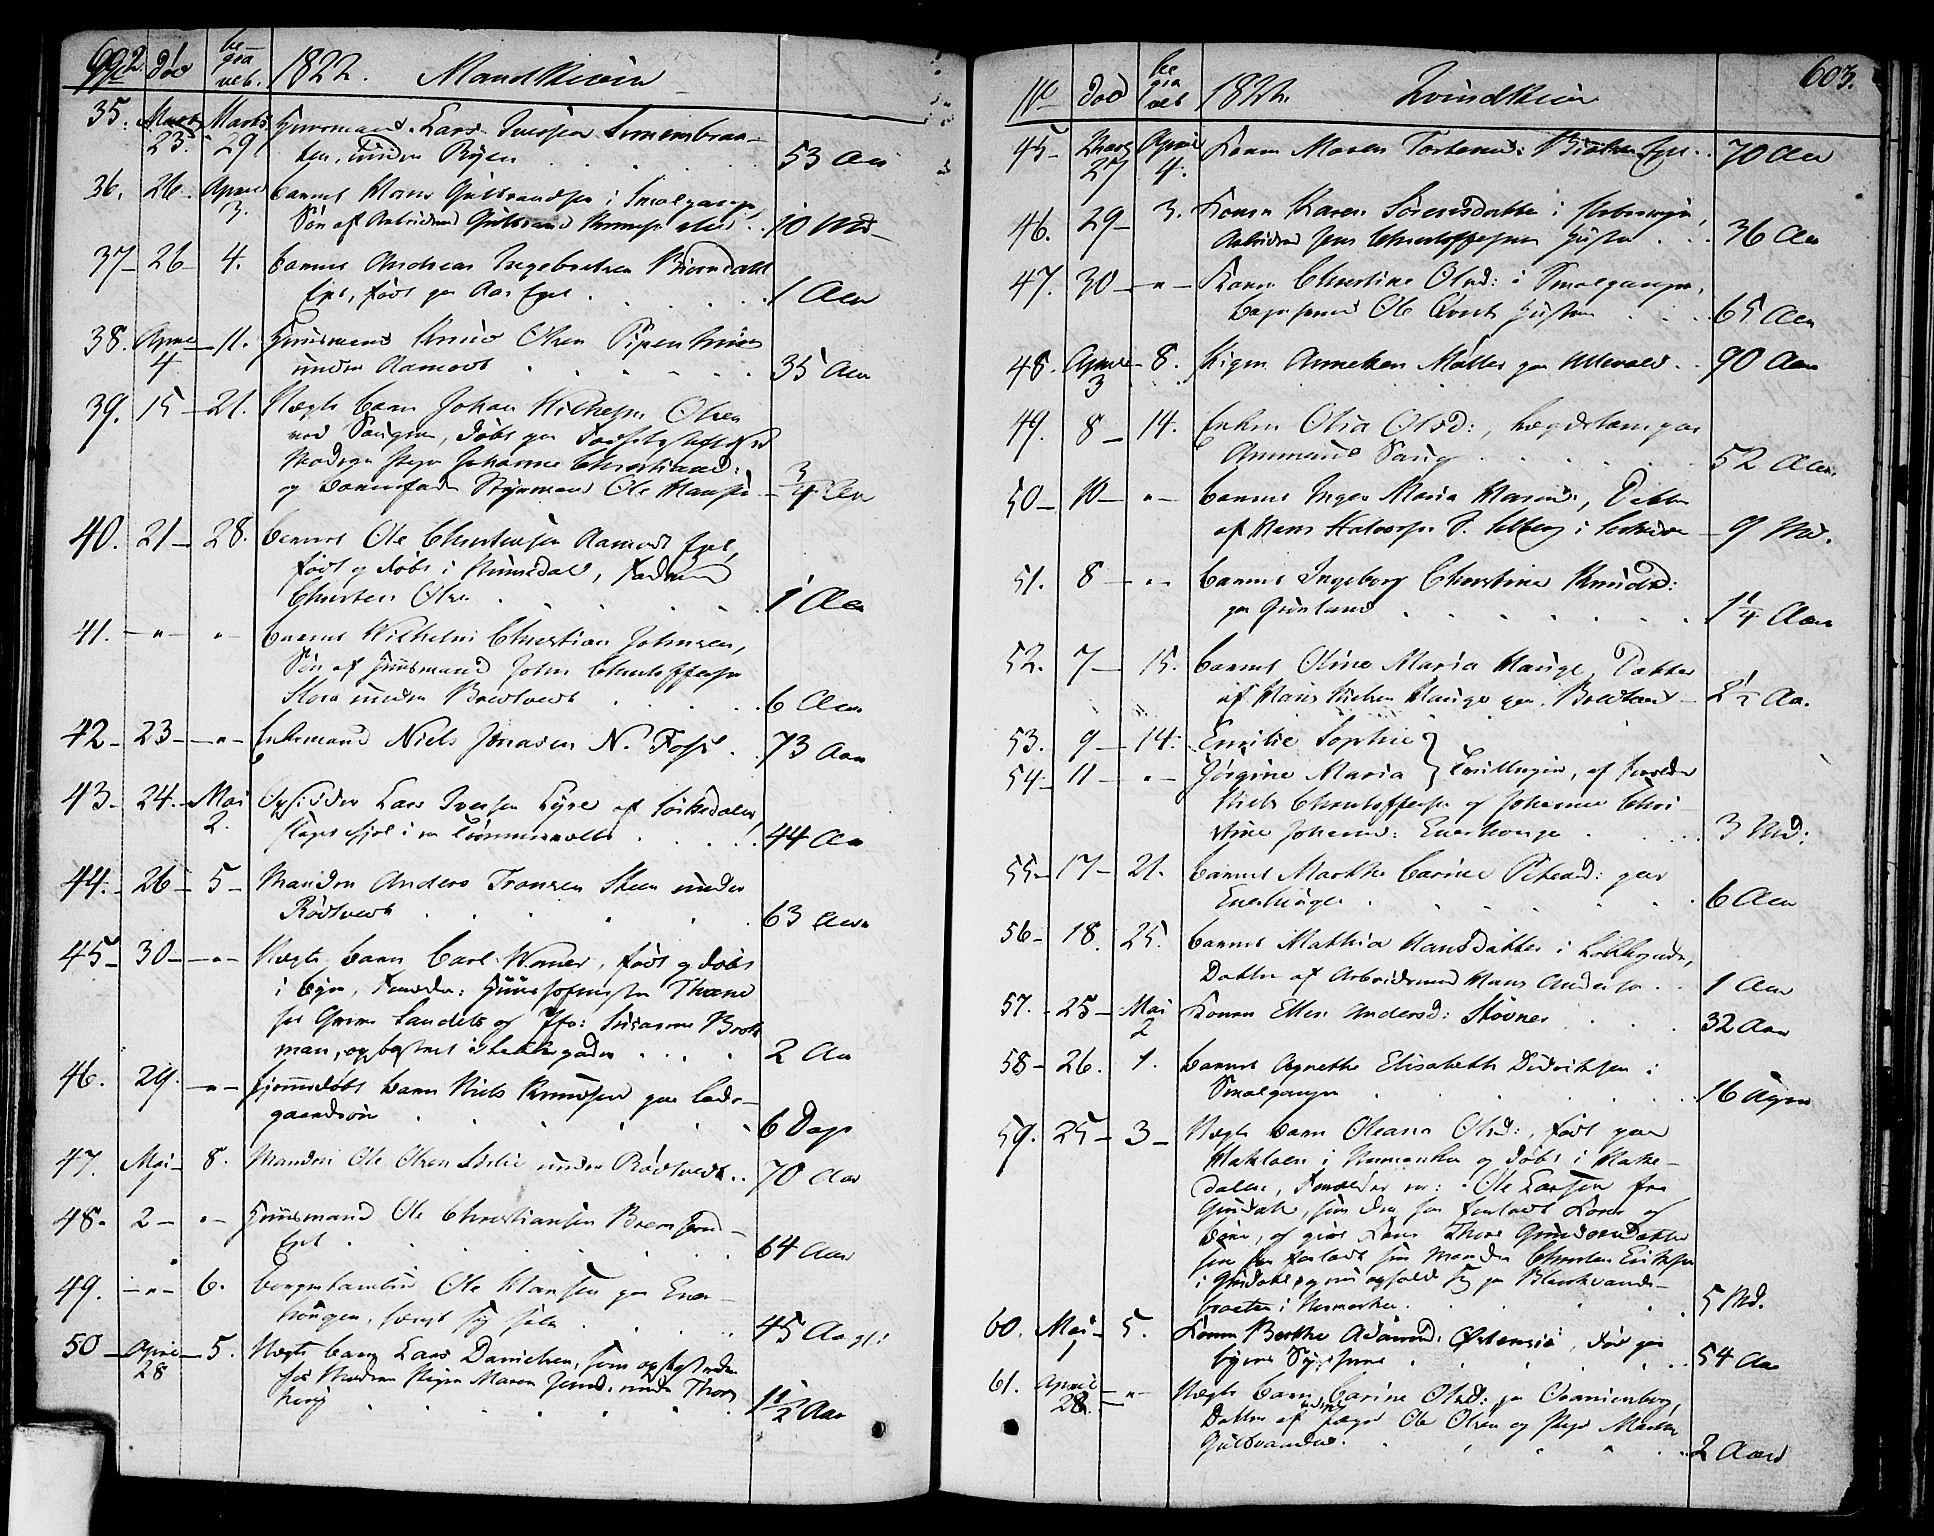 SAO, Aker prestekontor kirkebøker, F/L0012: Ministerialbok nr. 12, 1819-1828, s. 602-603